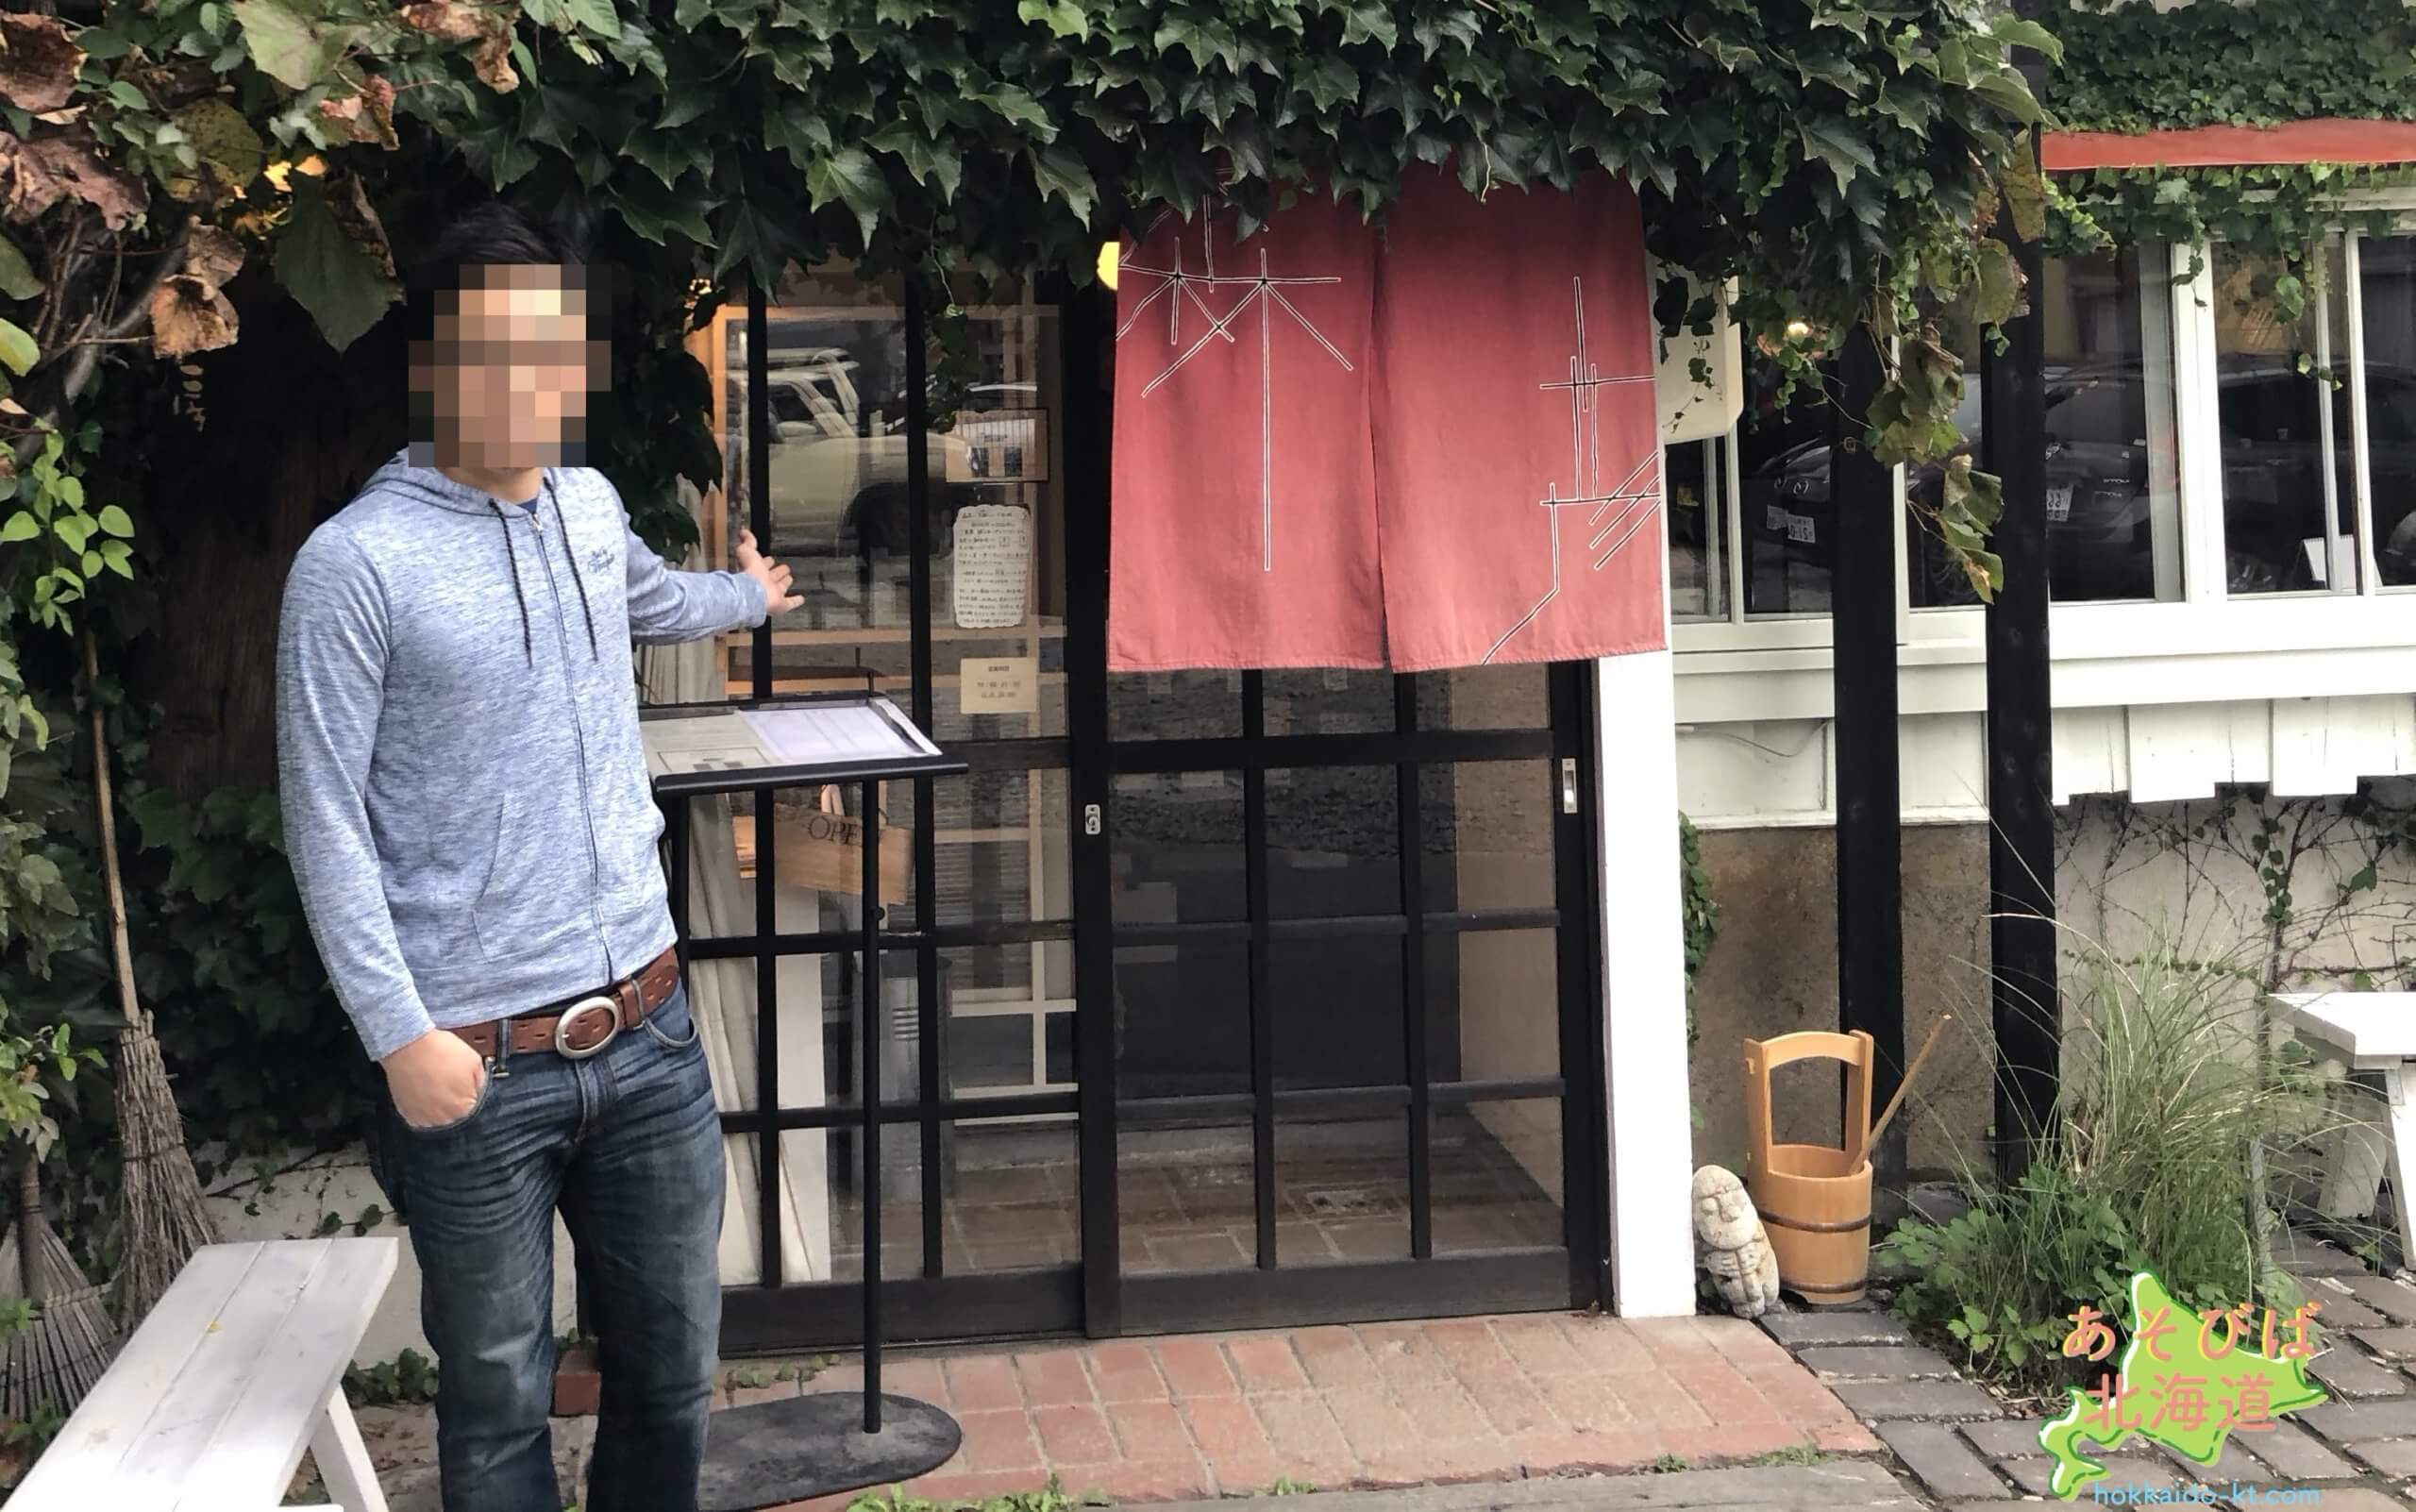 9月下旬の札幌の服装